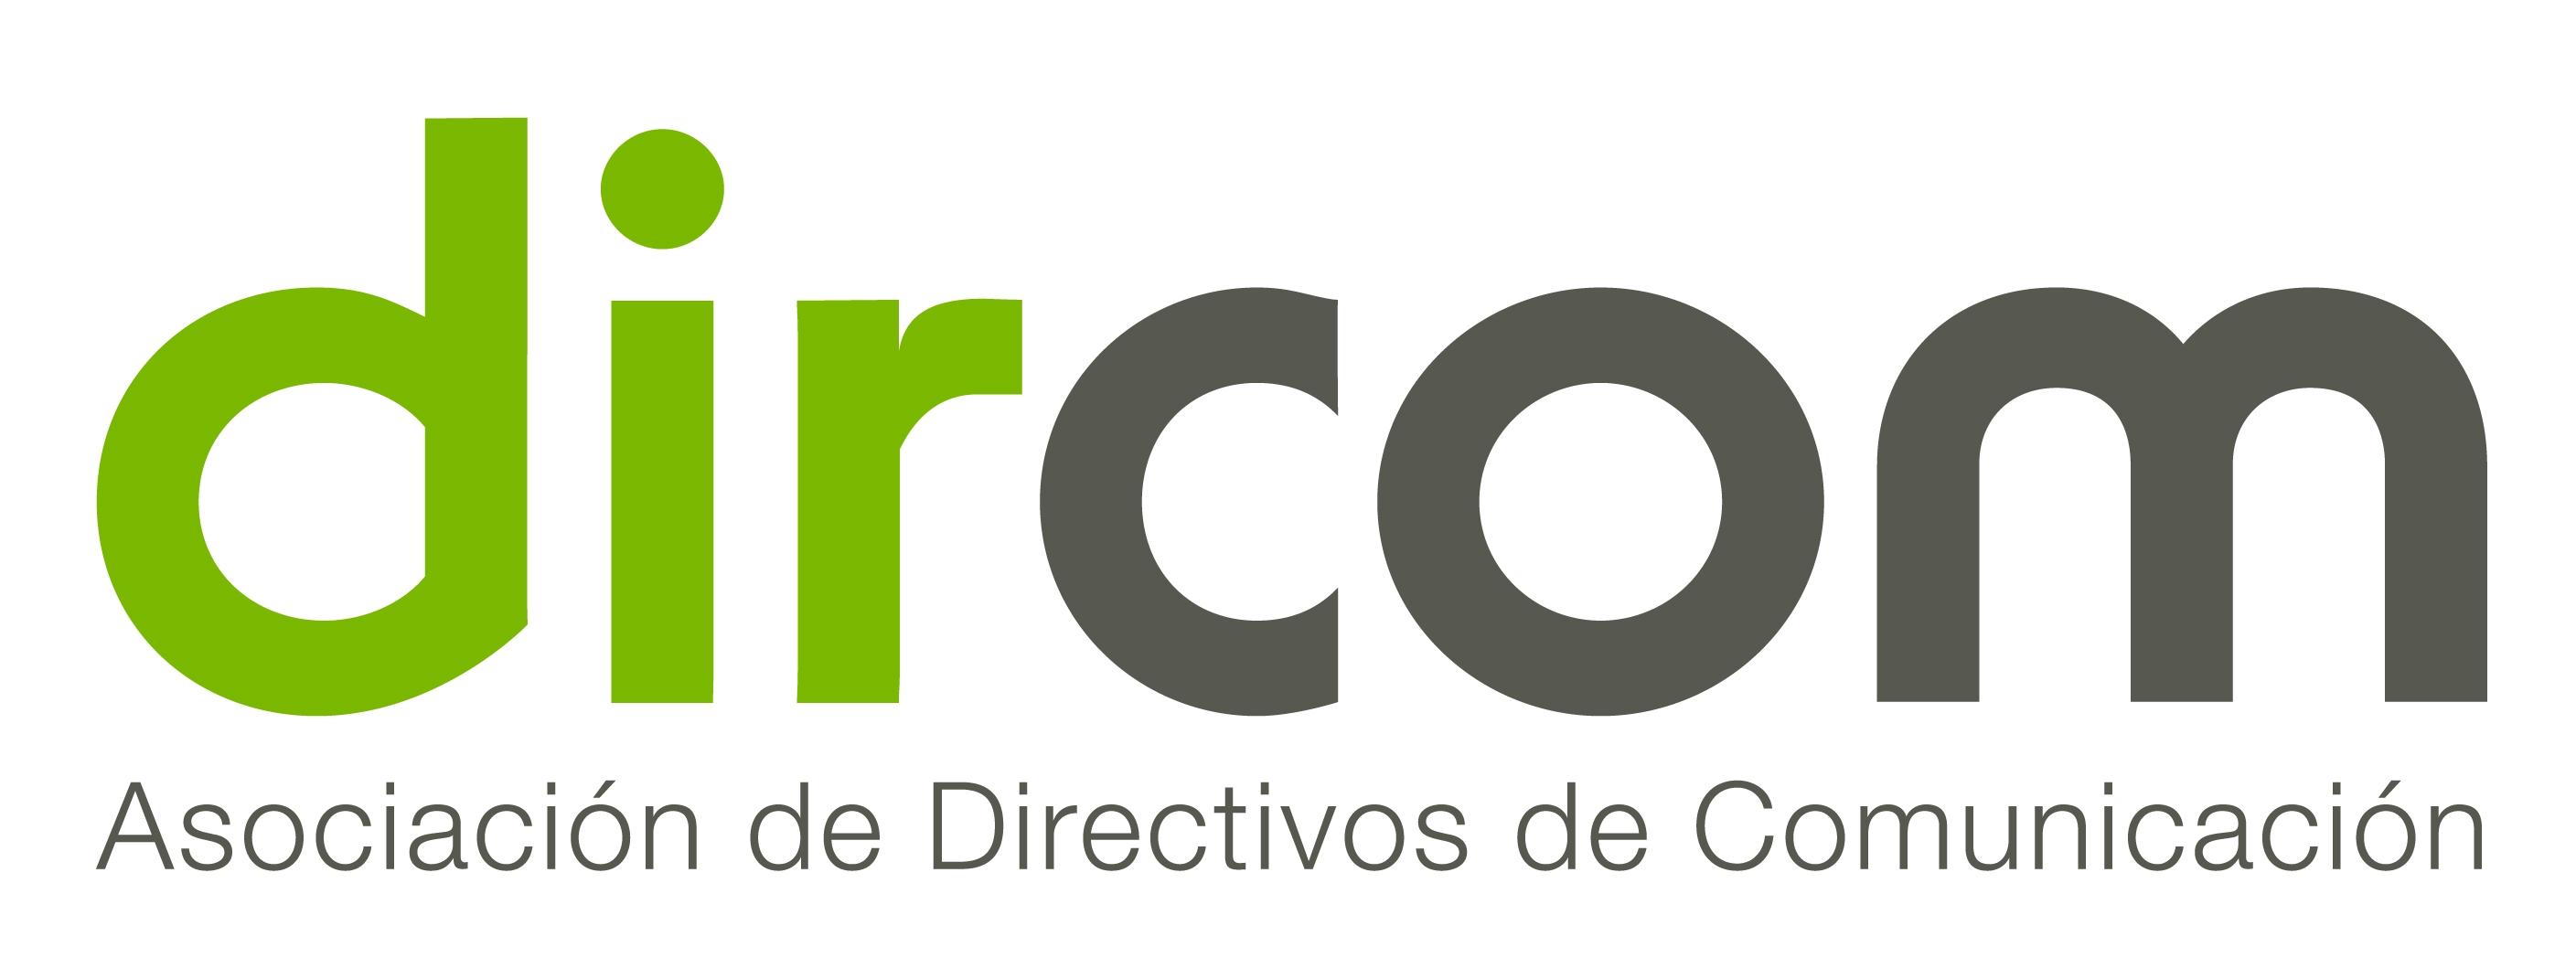 Taller de Internacionalización Dircom Junio 2011